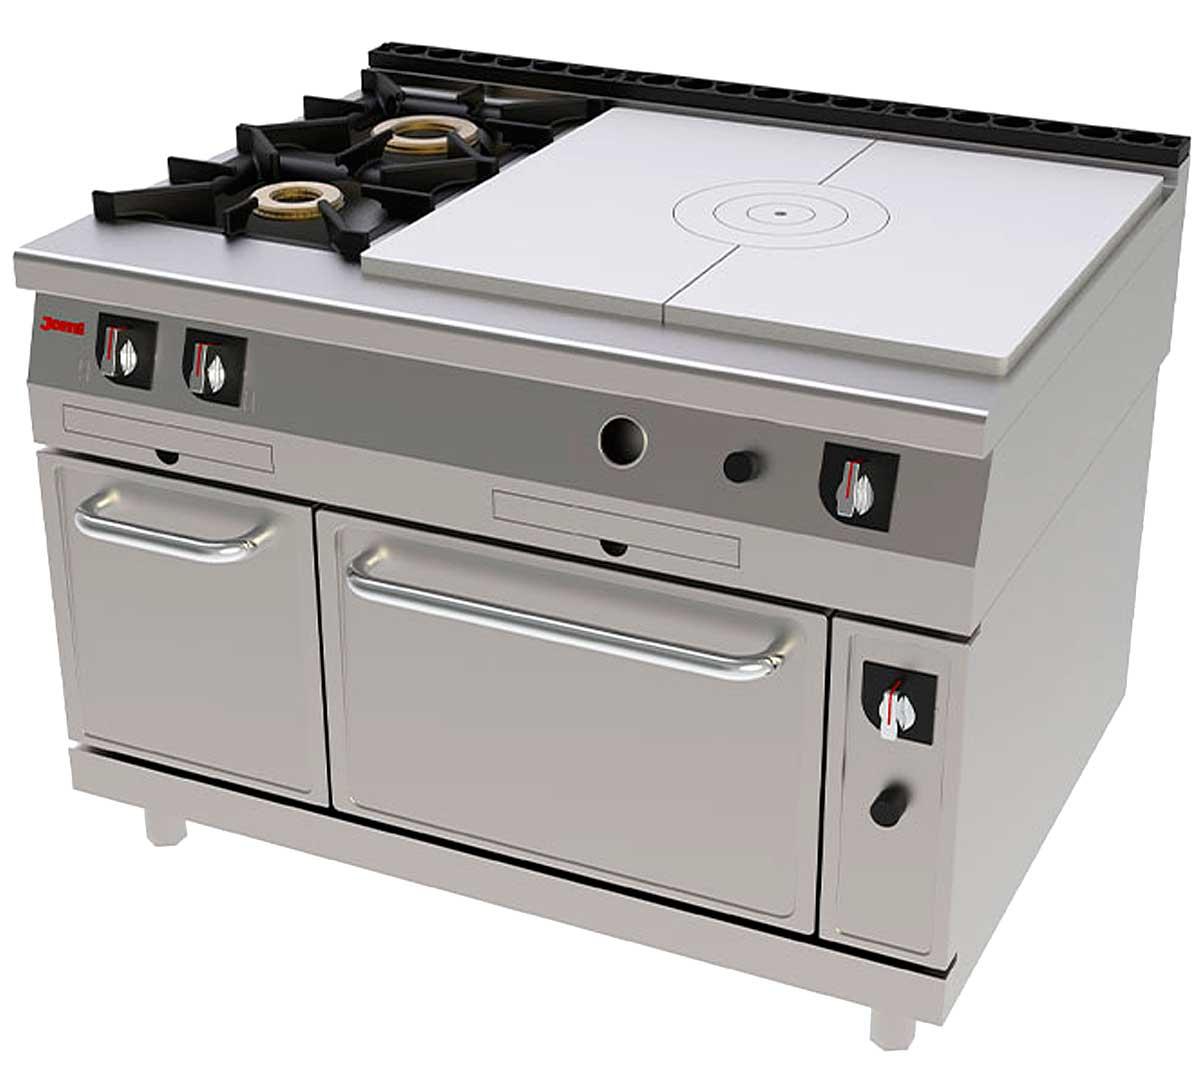 Cocina serie 900 francesa horno de jemi for Cocina francesa canal cocina